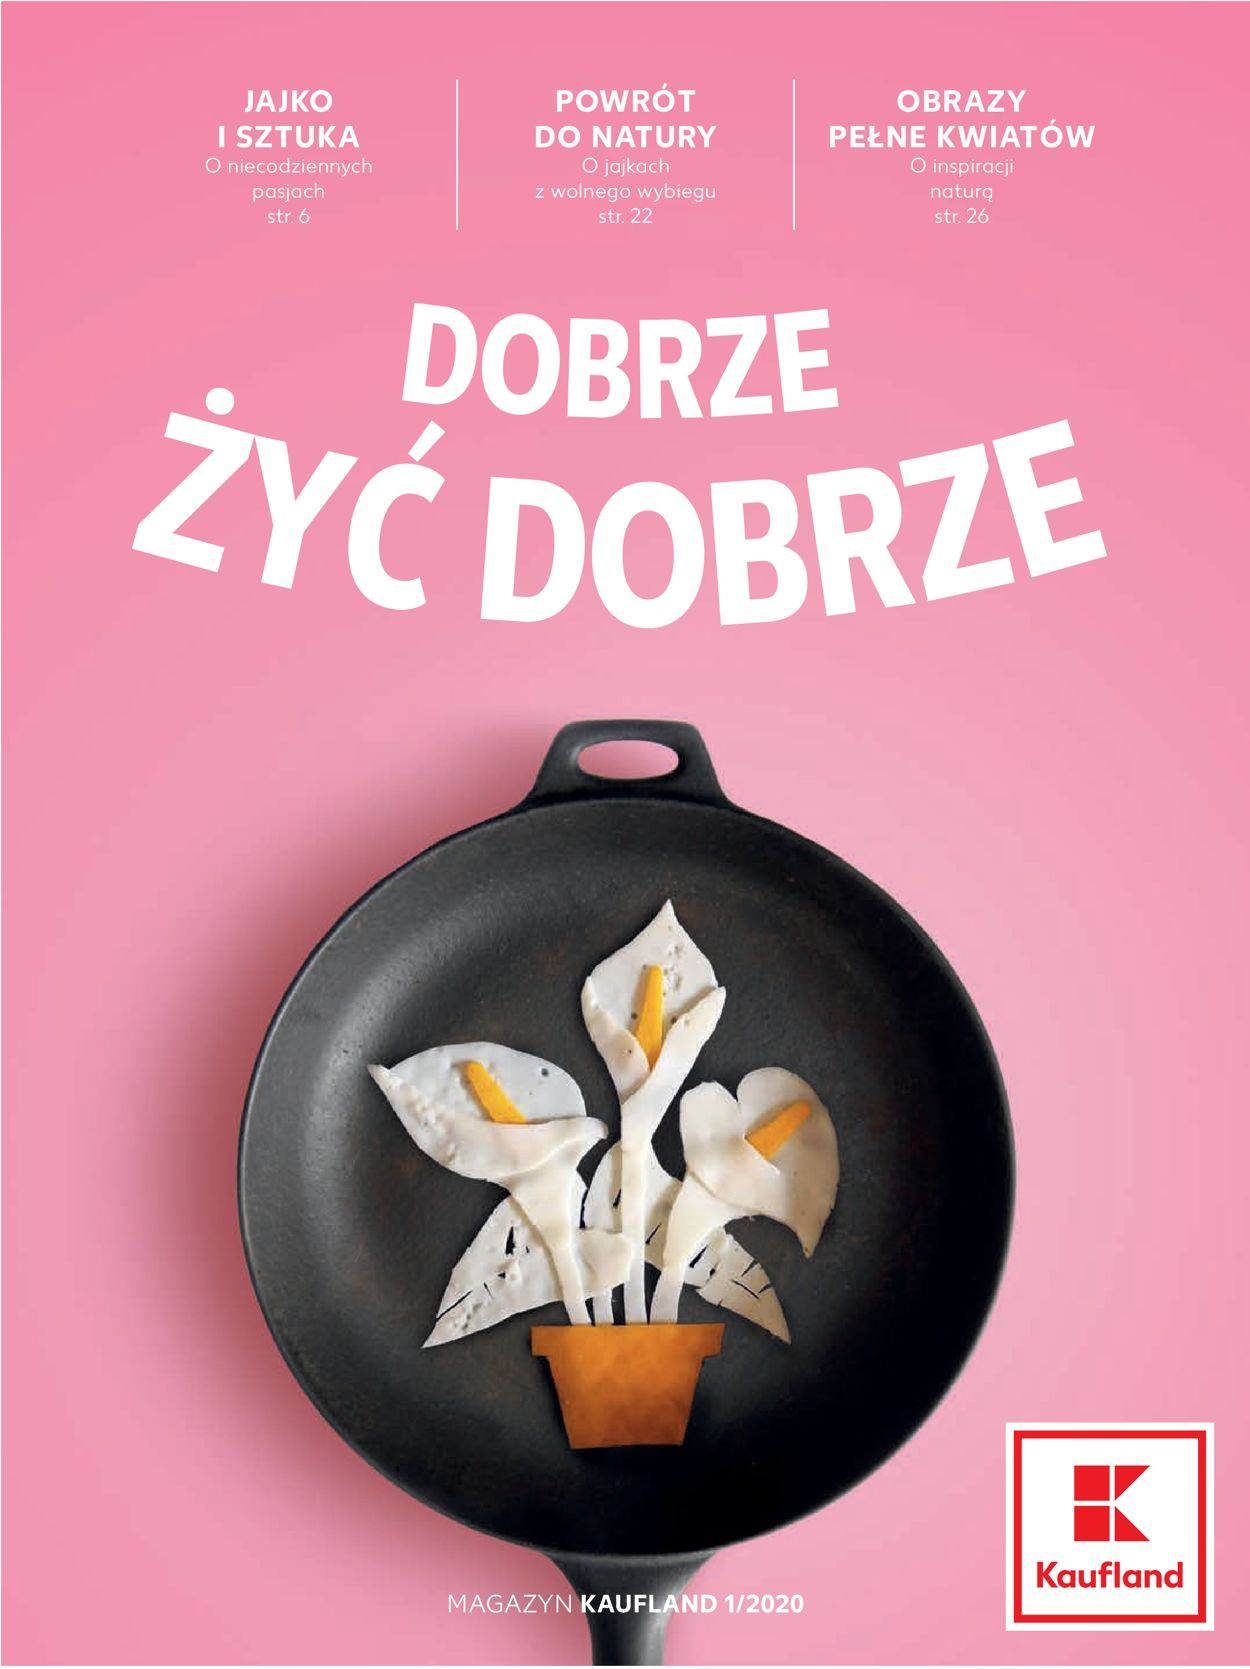 Gazetka promocyjna Kaufland - 06.03-31.03.2020